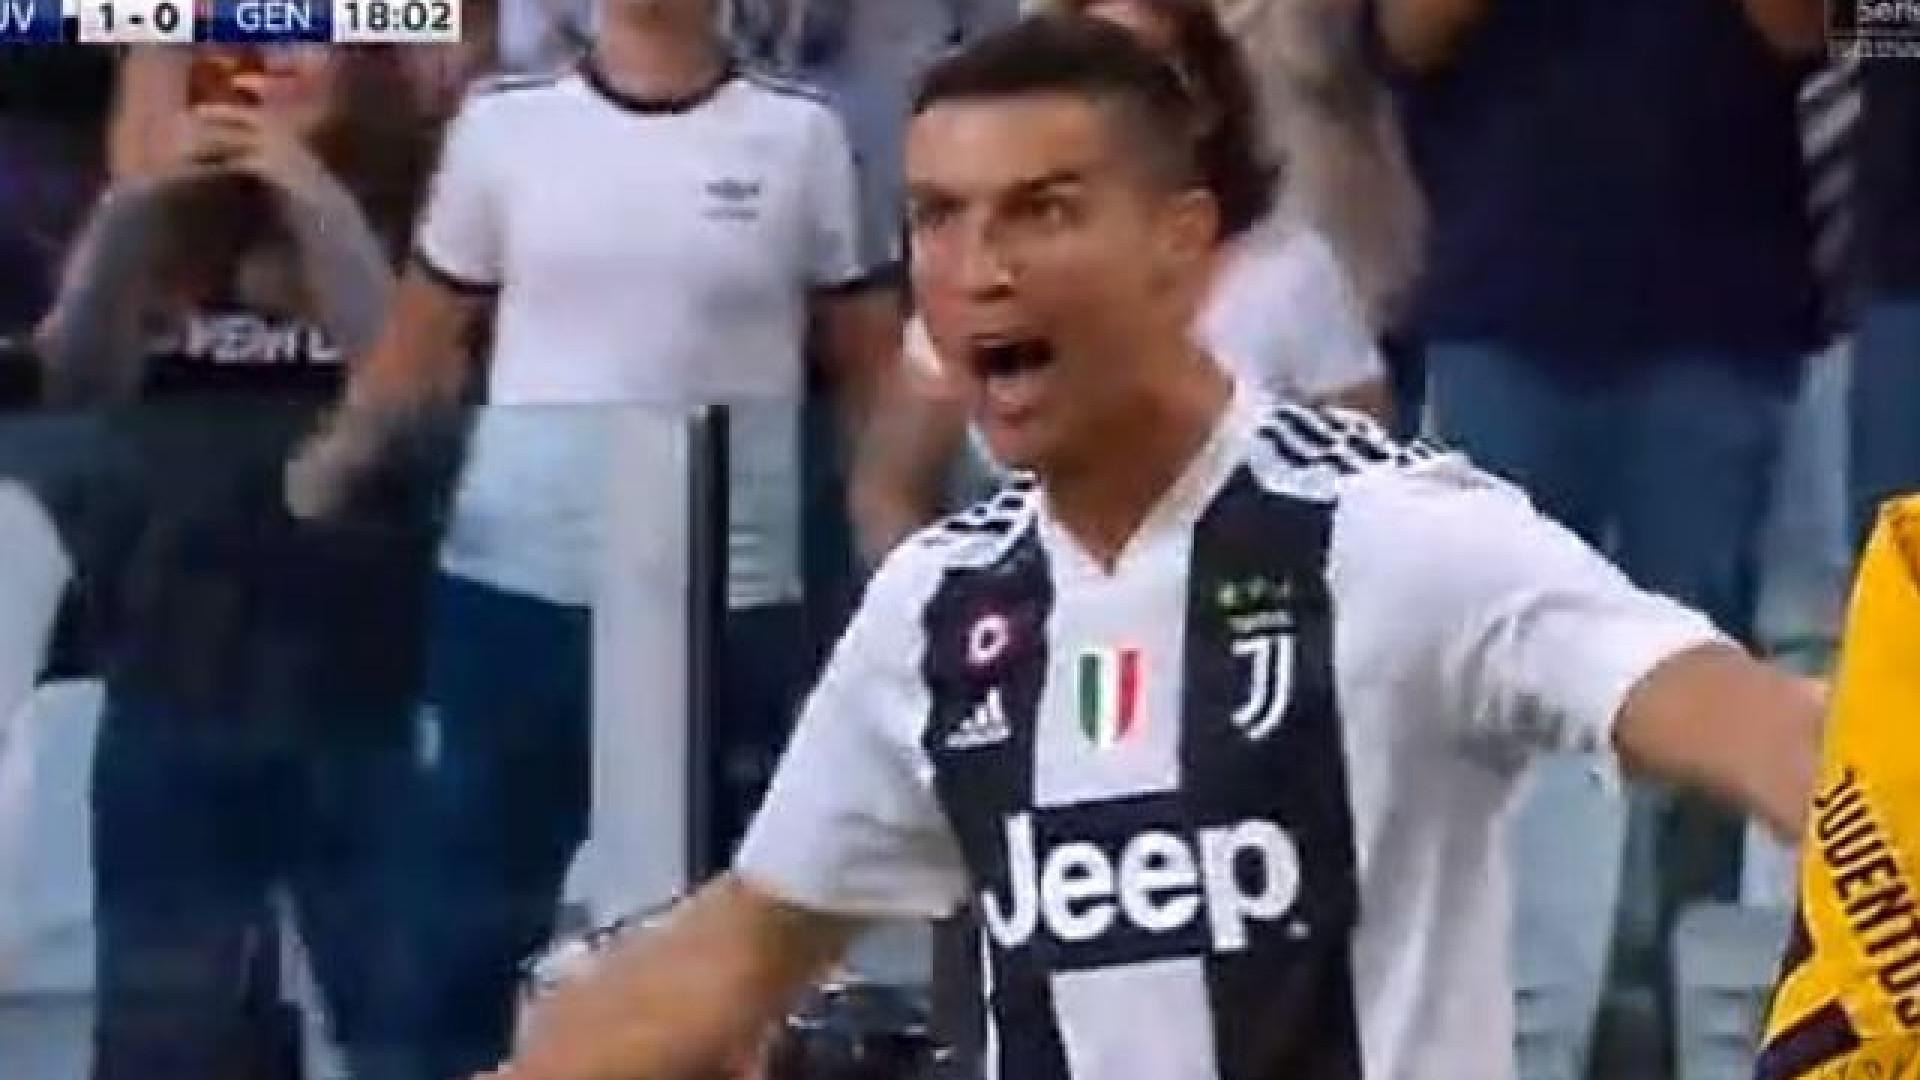 Génova 'embrulhou-se' e Cristiano Ronaldo não perdoou